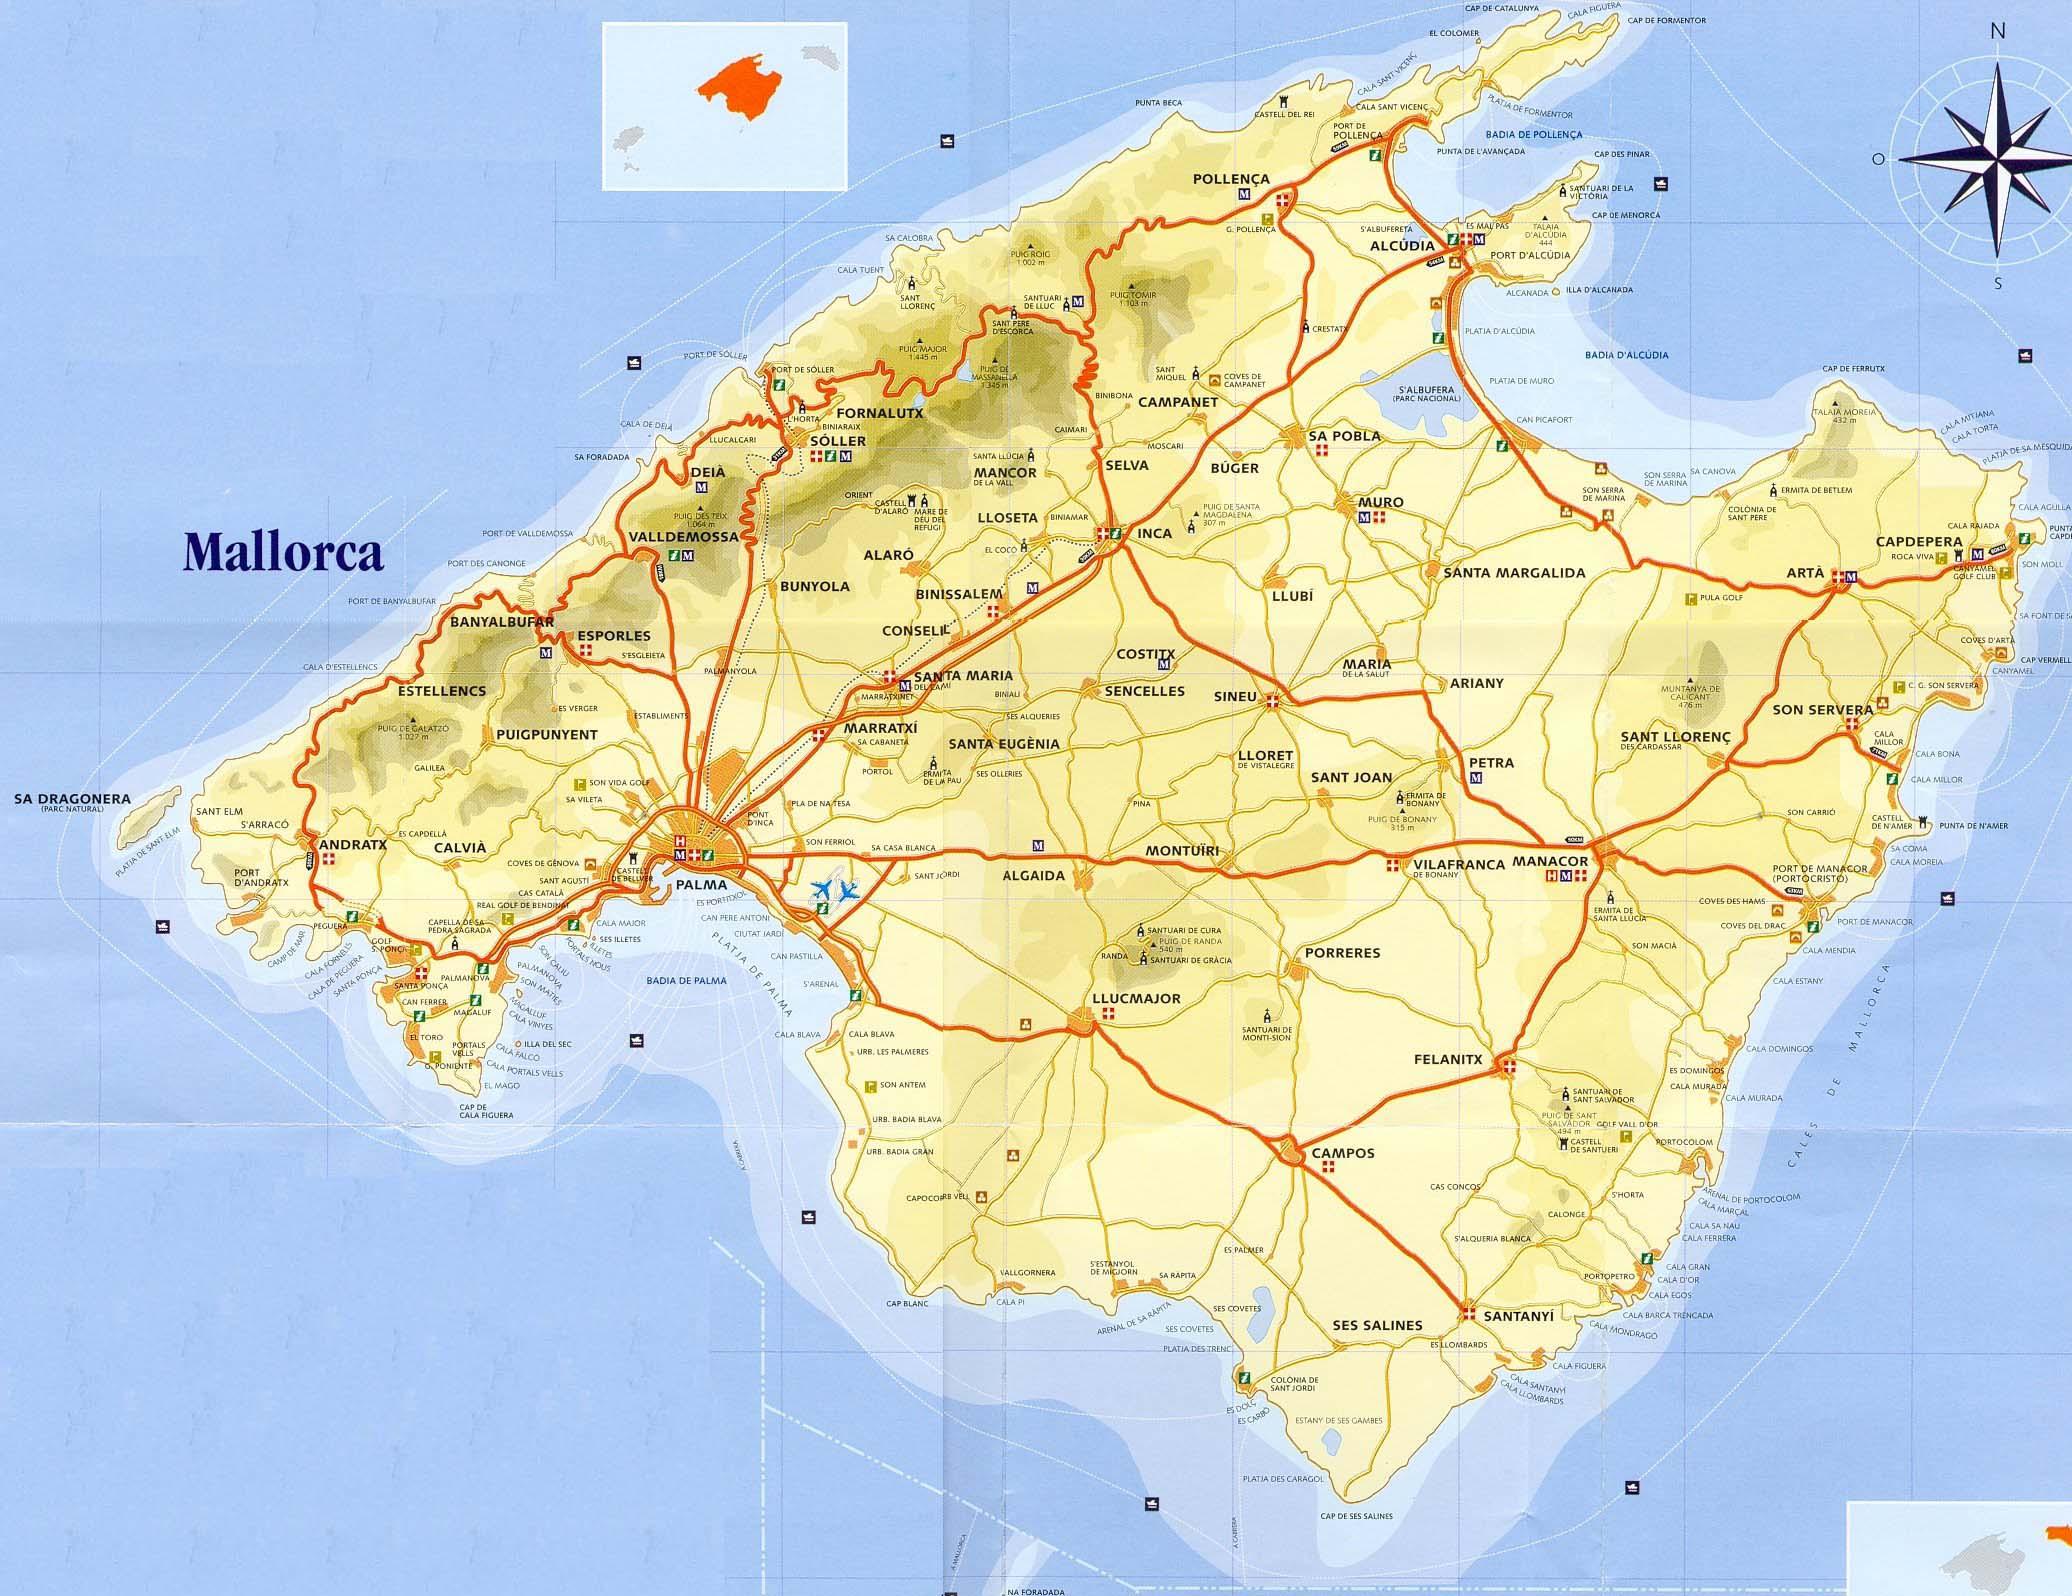 kort kort over mallorca